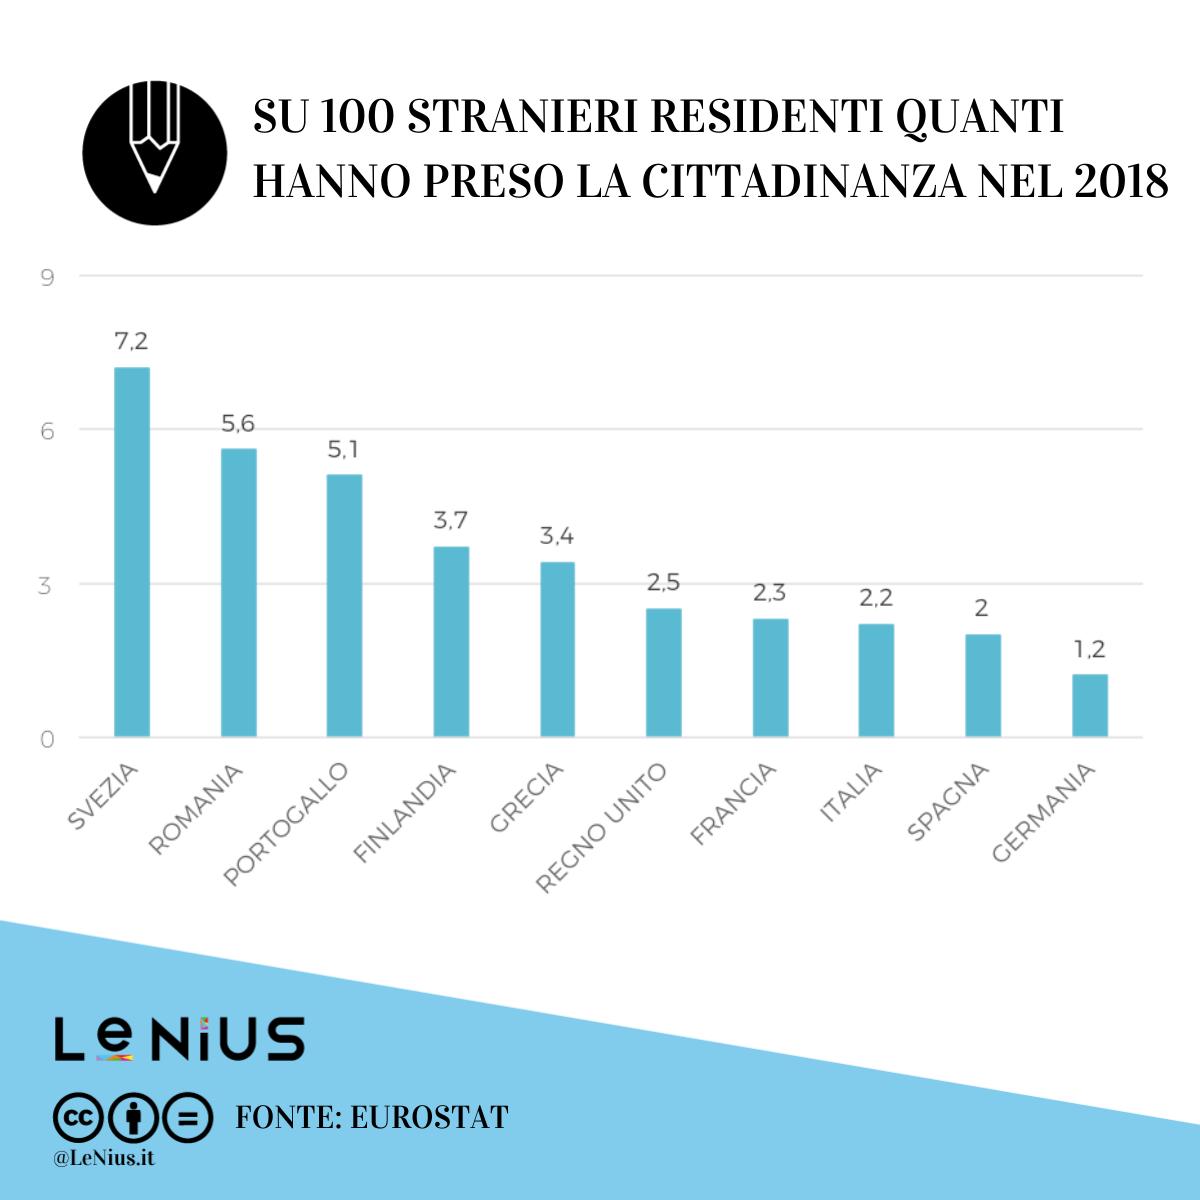 rapporto stranieri residenti cittadinanza